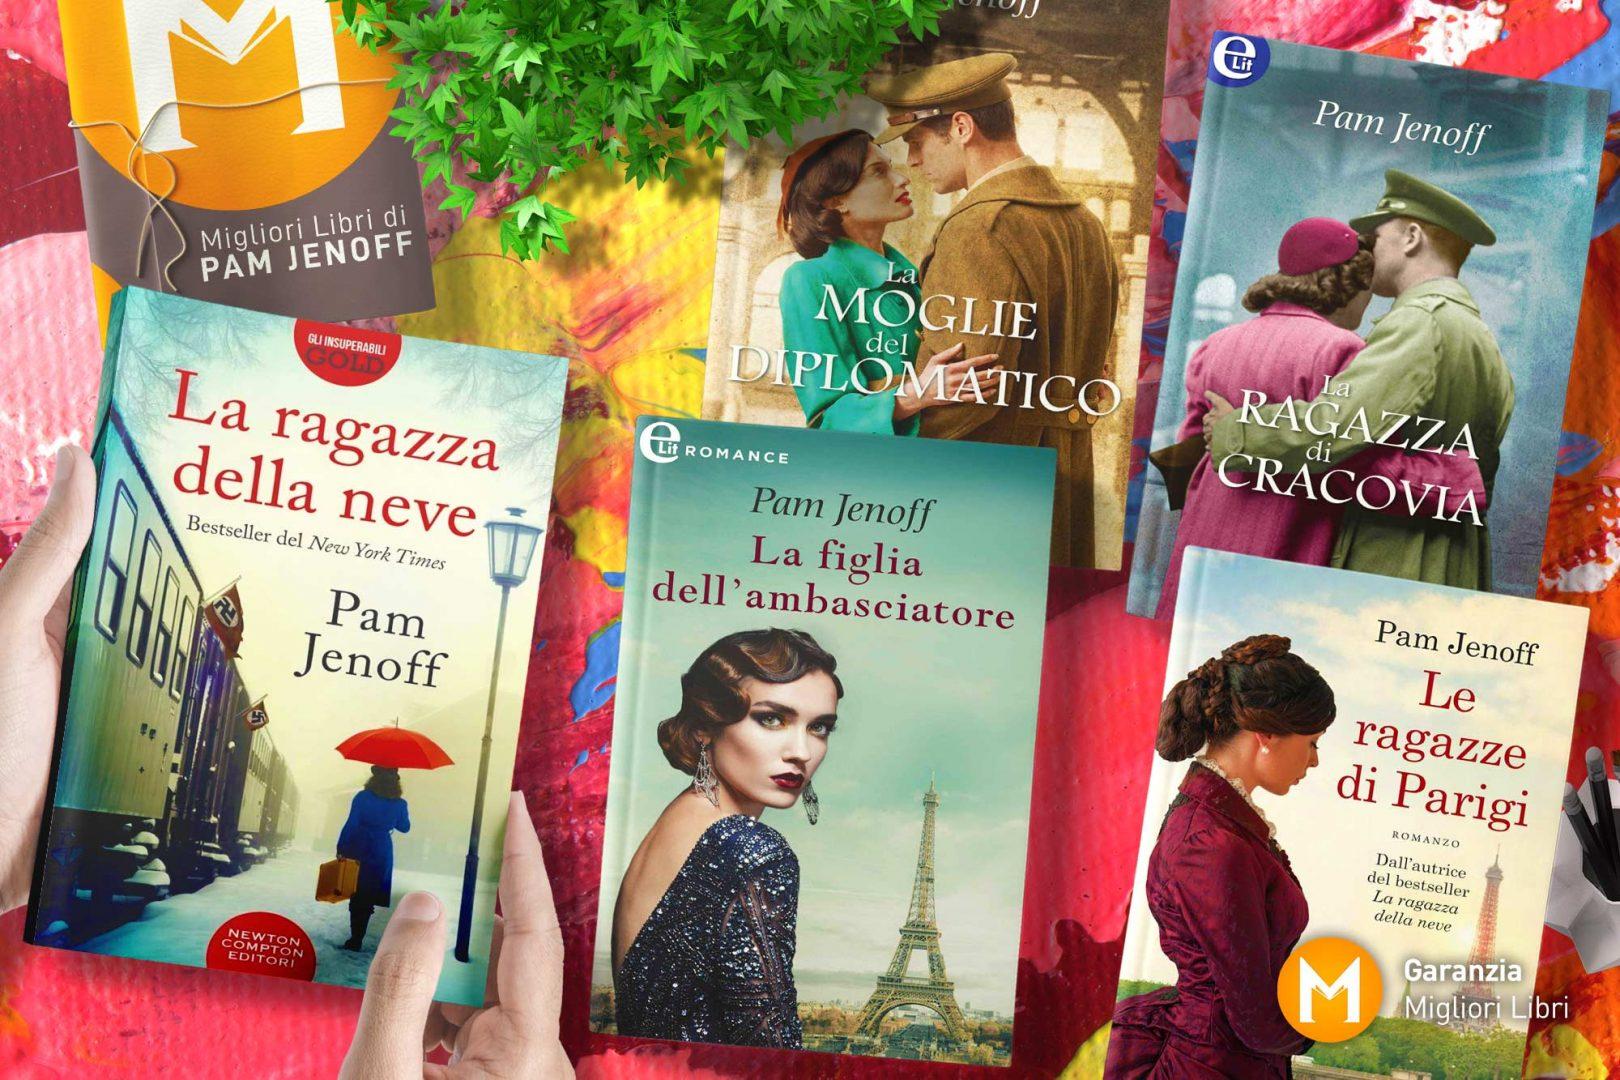 migliori-libri-pam-jenoff